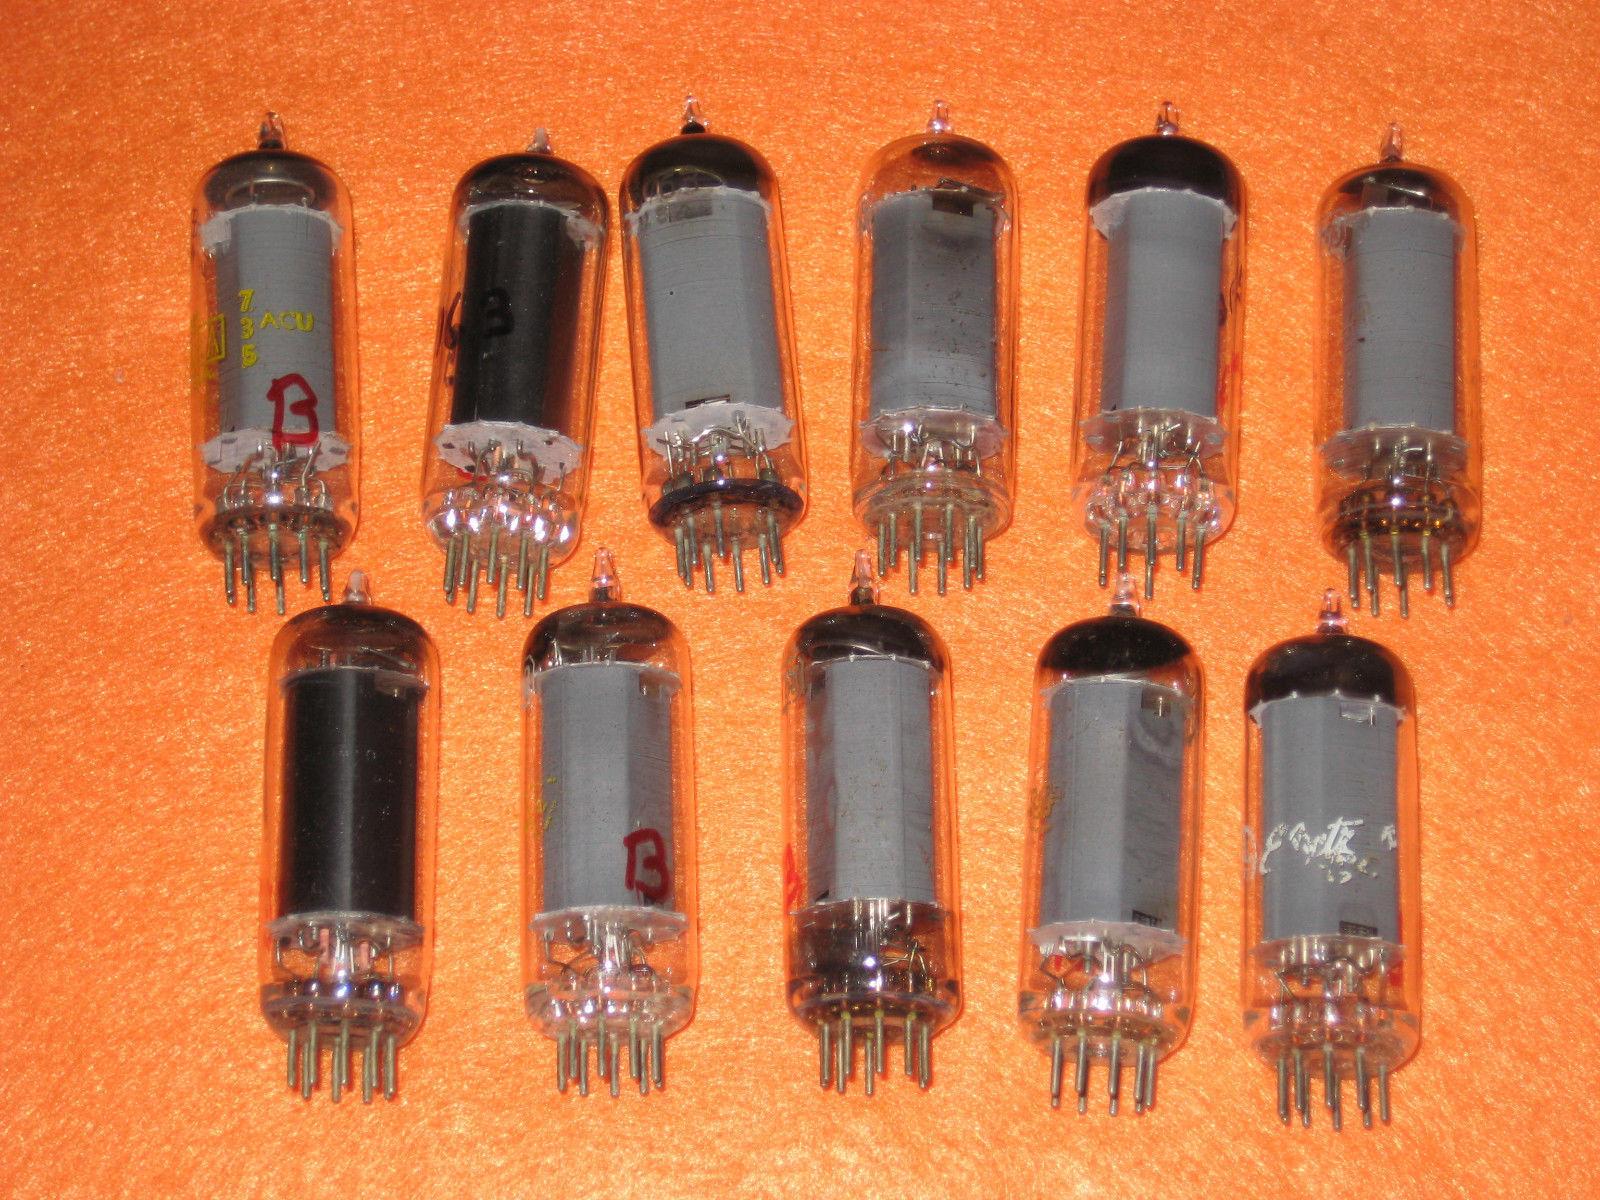 Vintage Radio Vacuum Tube (one): 5763 - Tested Very Good